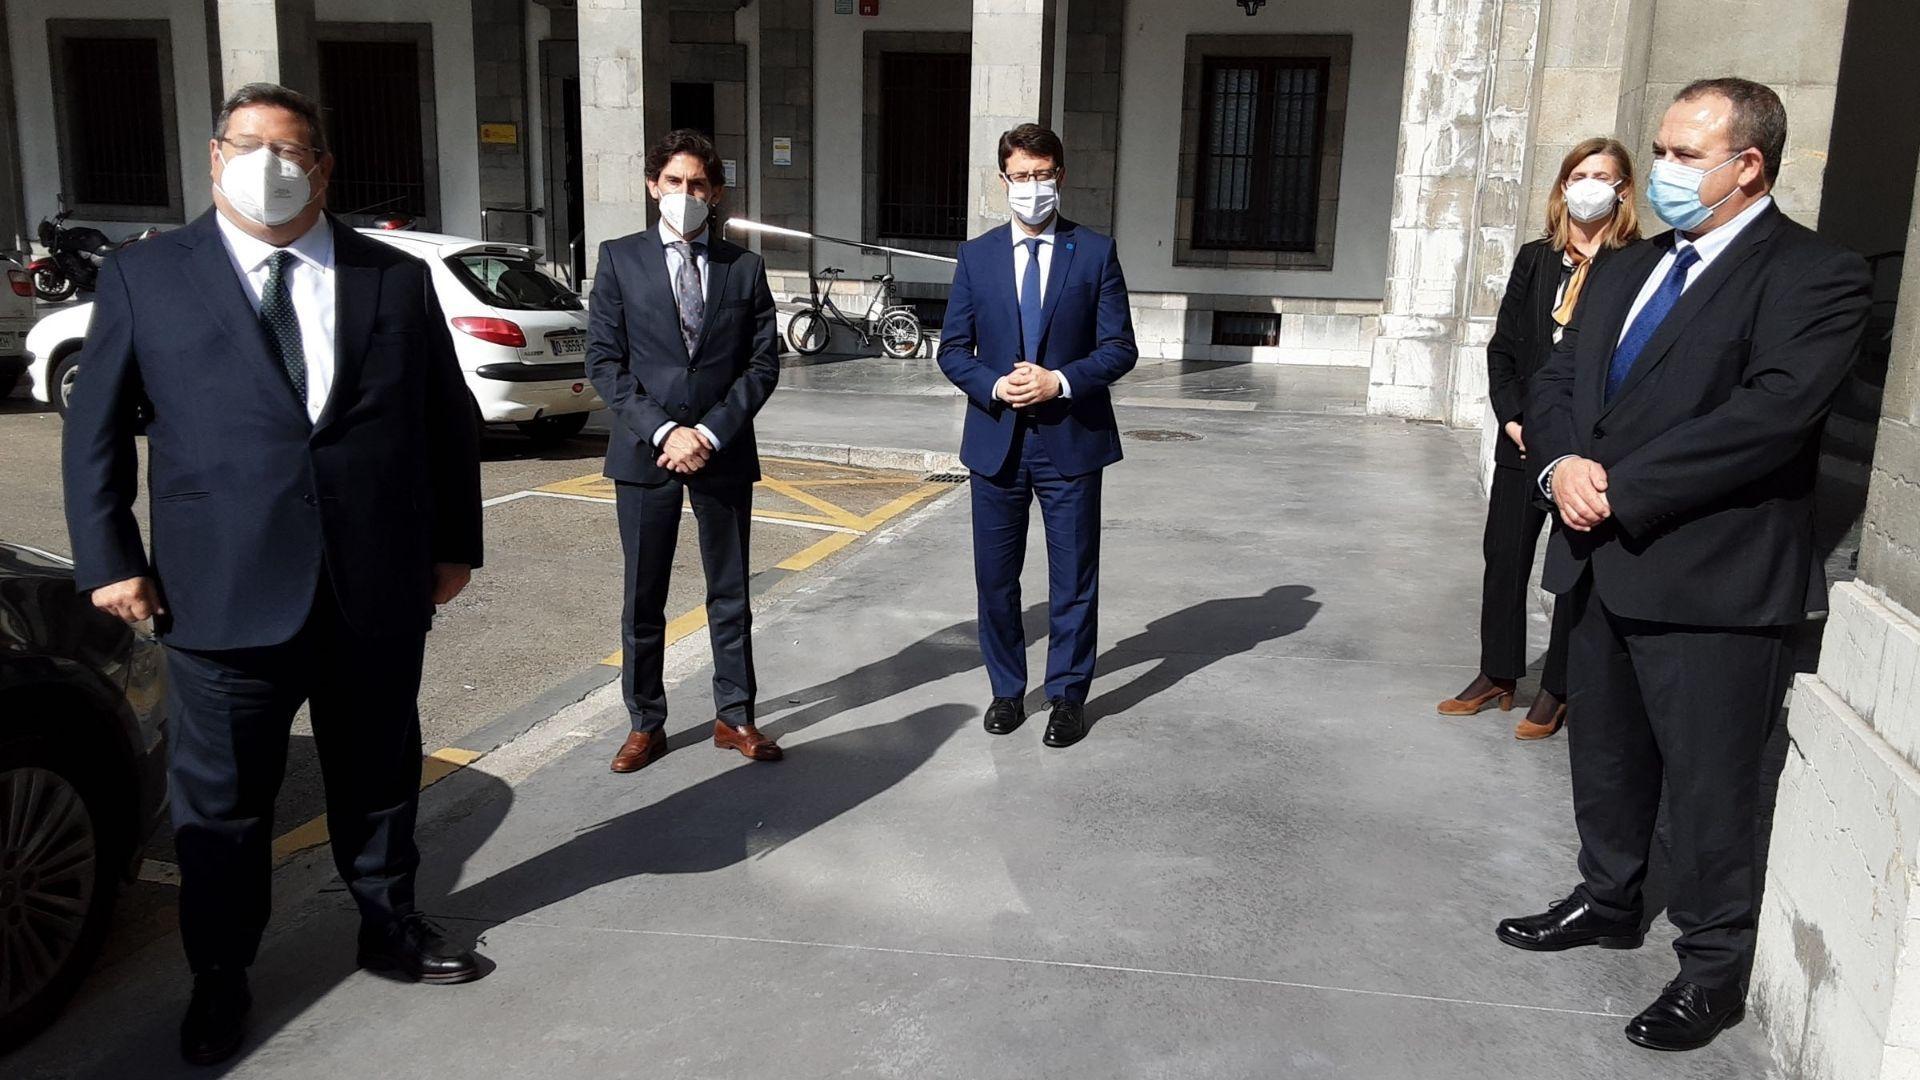 De izquierda a derecha, Juan Baena, presidente de Preco; Ismael Díaz, consejero delegado; Enrique Fernández, consejero de Industria; Eva Pando, directora general del Idepa; e Isaac Pola